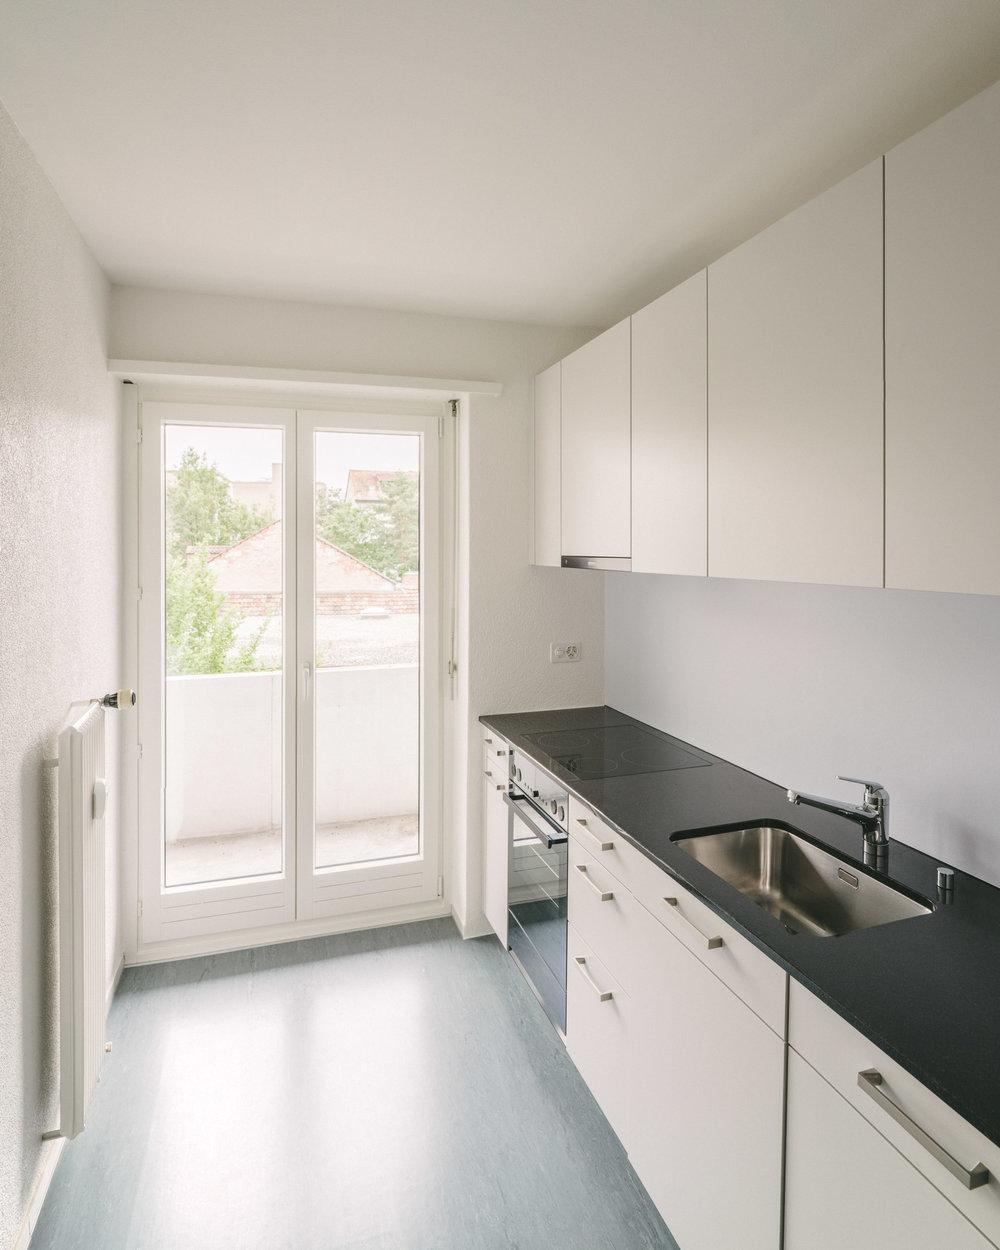 Innensanierung Küche Basel, Consilium Architektur und Baumanagement